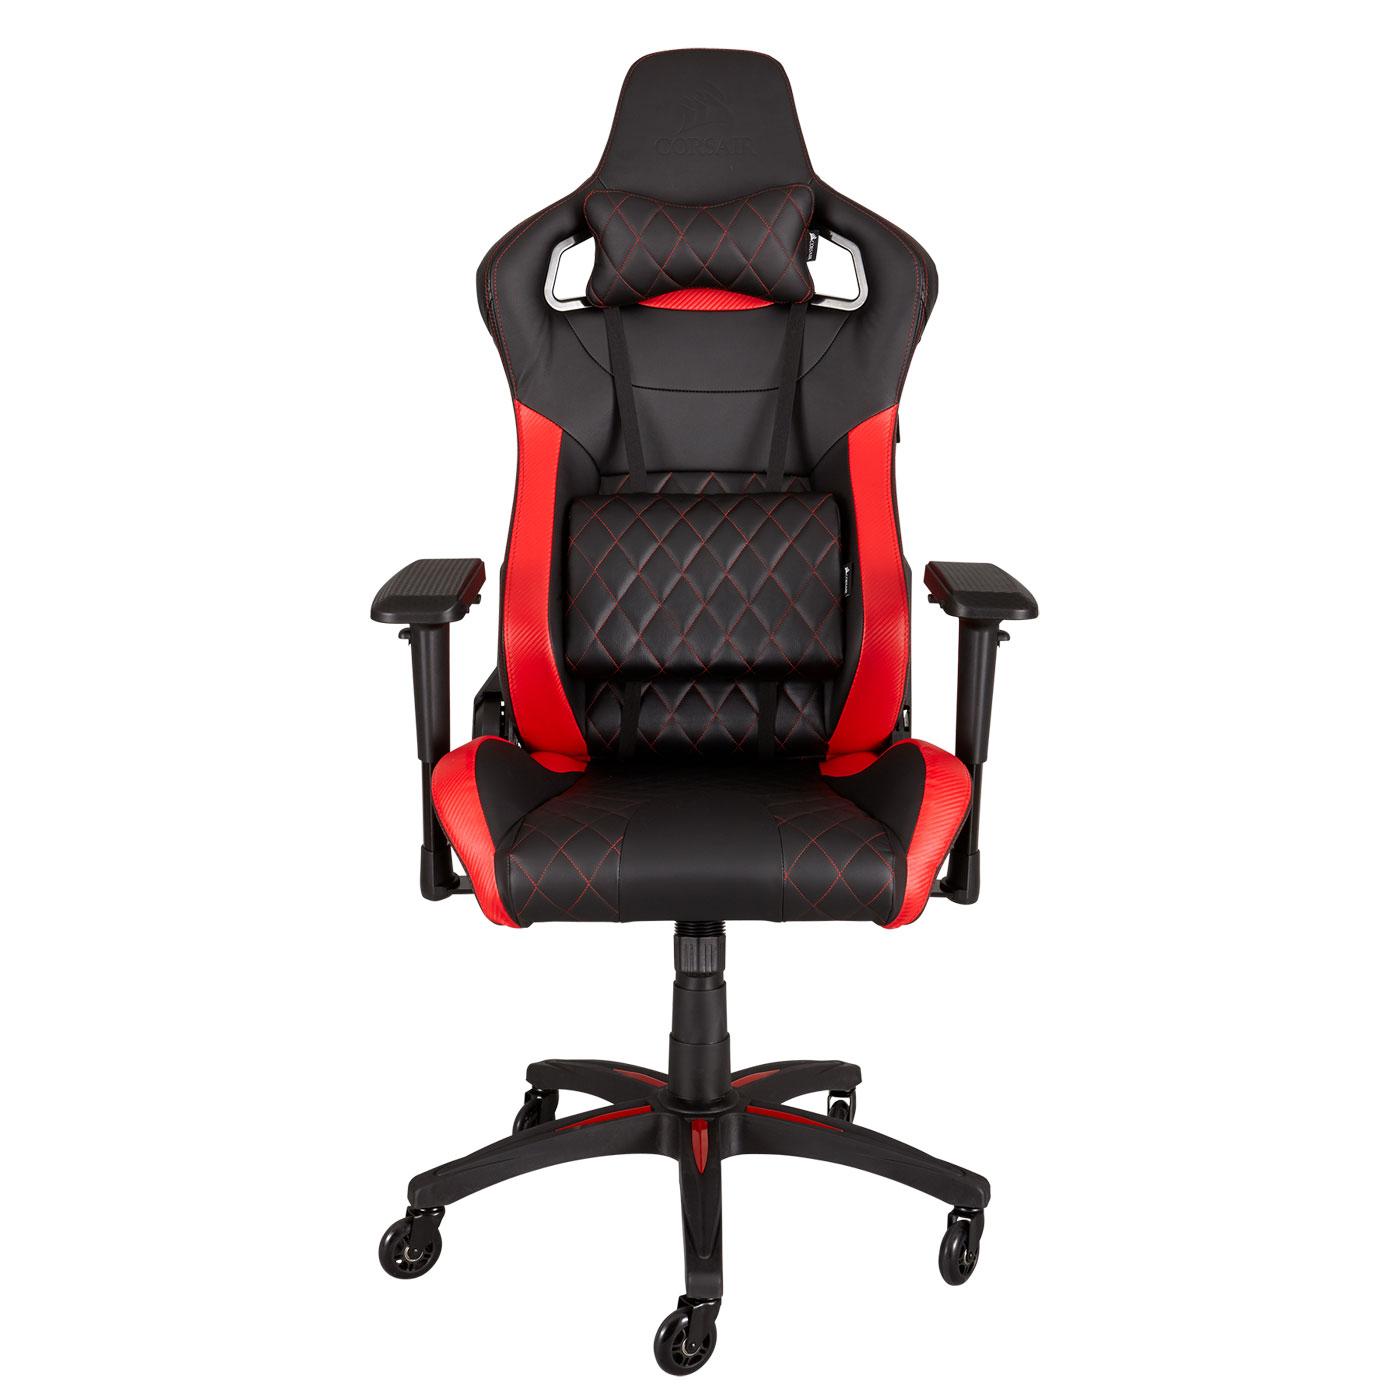 corsair t1 race noir rouge fauteuil gamer corsair sur. Black Bedroom Furniture Sets. Home Design Ideas